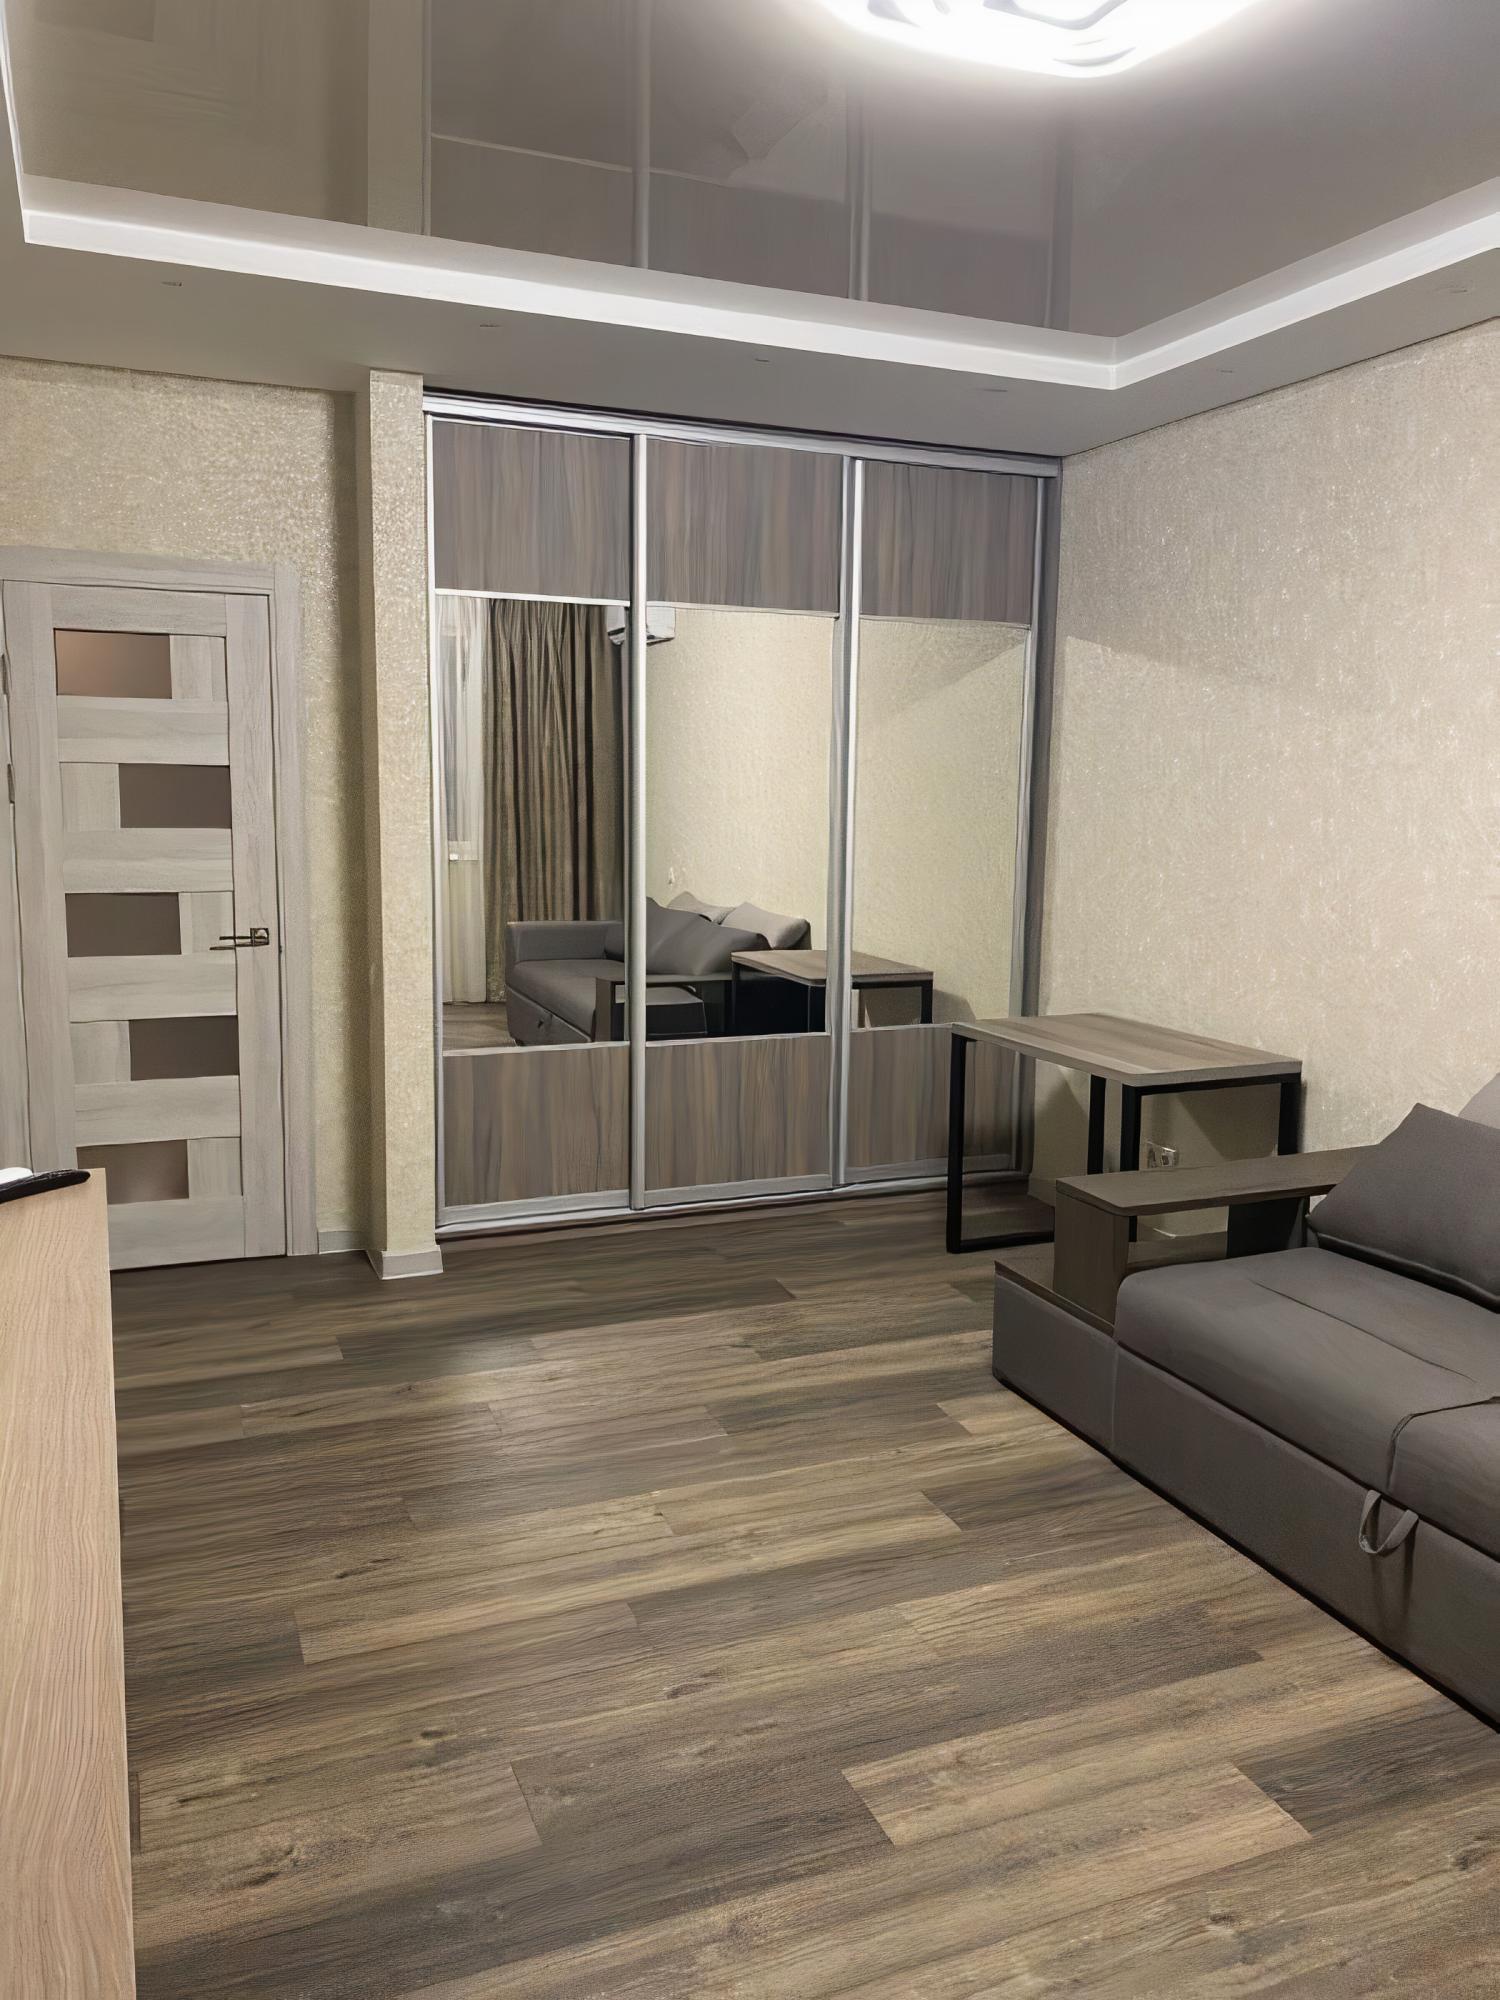 1к квартира улица Карамзина, 20 | 14000 | аренда в Красноярске фото 2